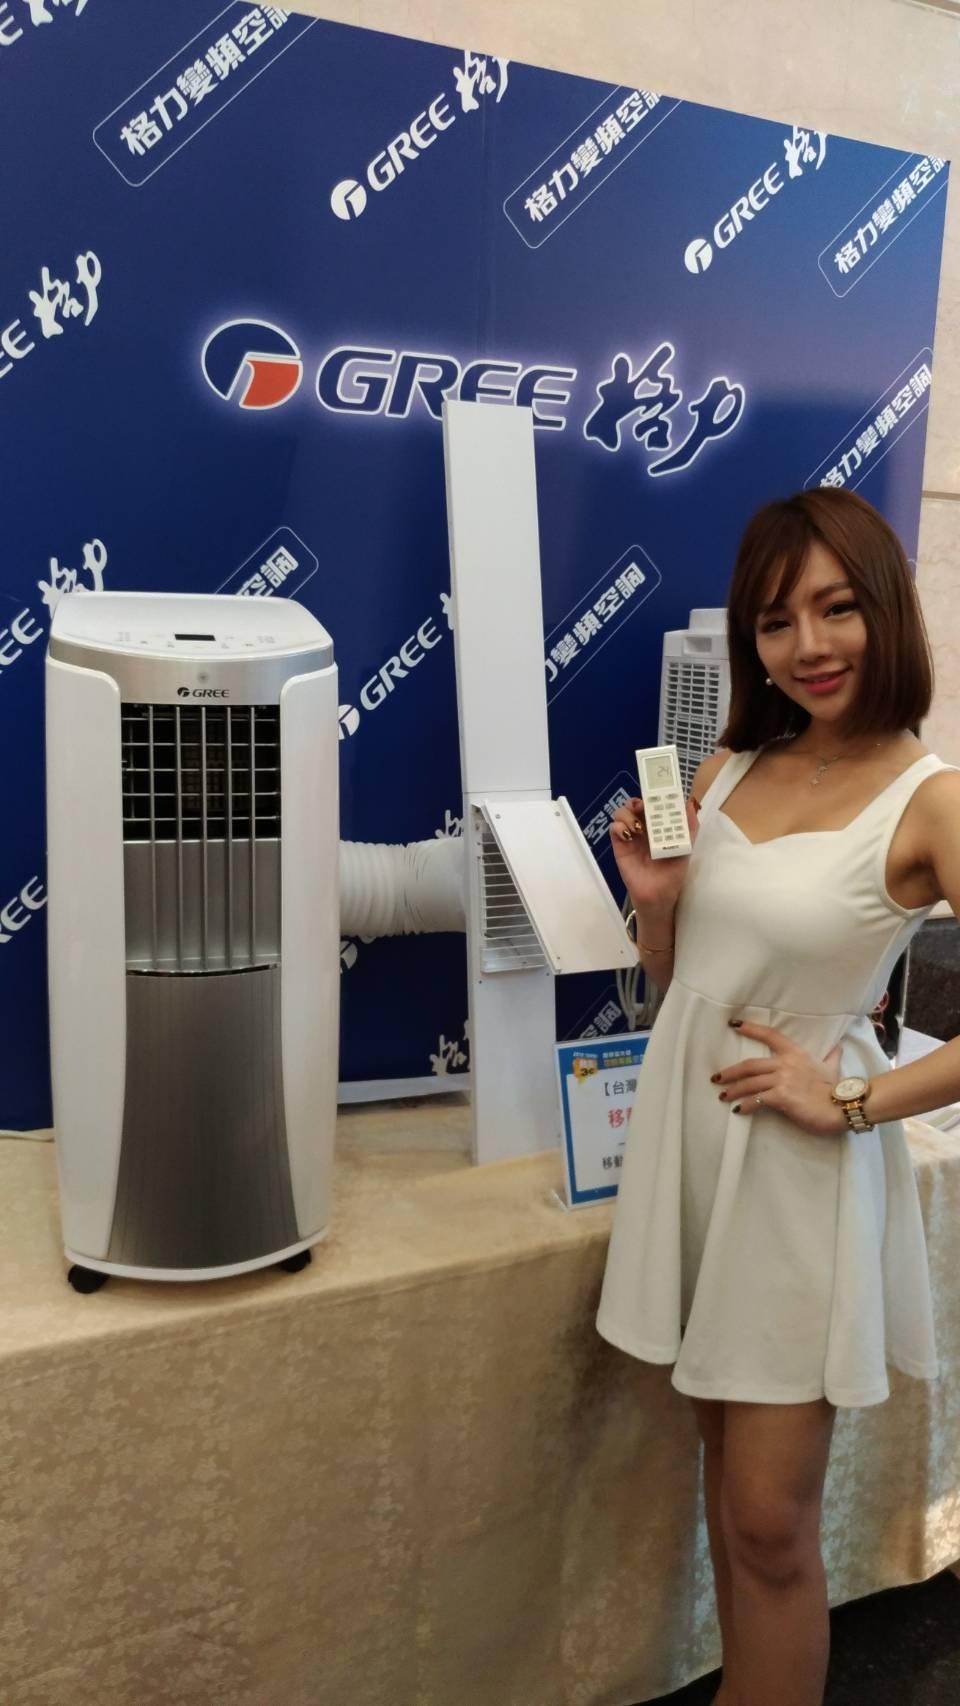 台北3C電腦電器空調影音展31日登場,格力推出移動式冷氣搶商機。記者張義宮/攝影